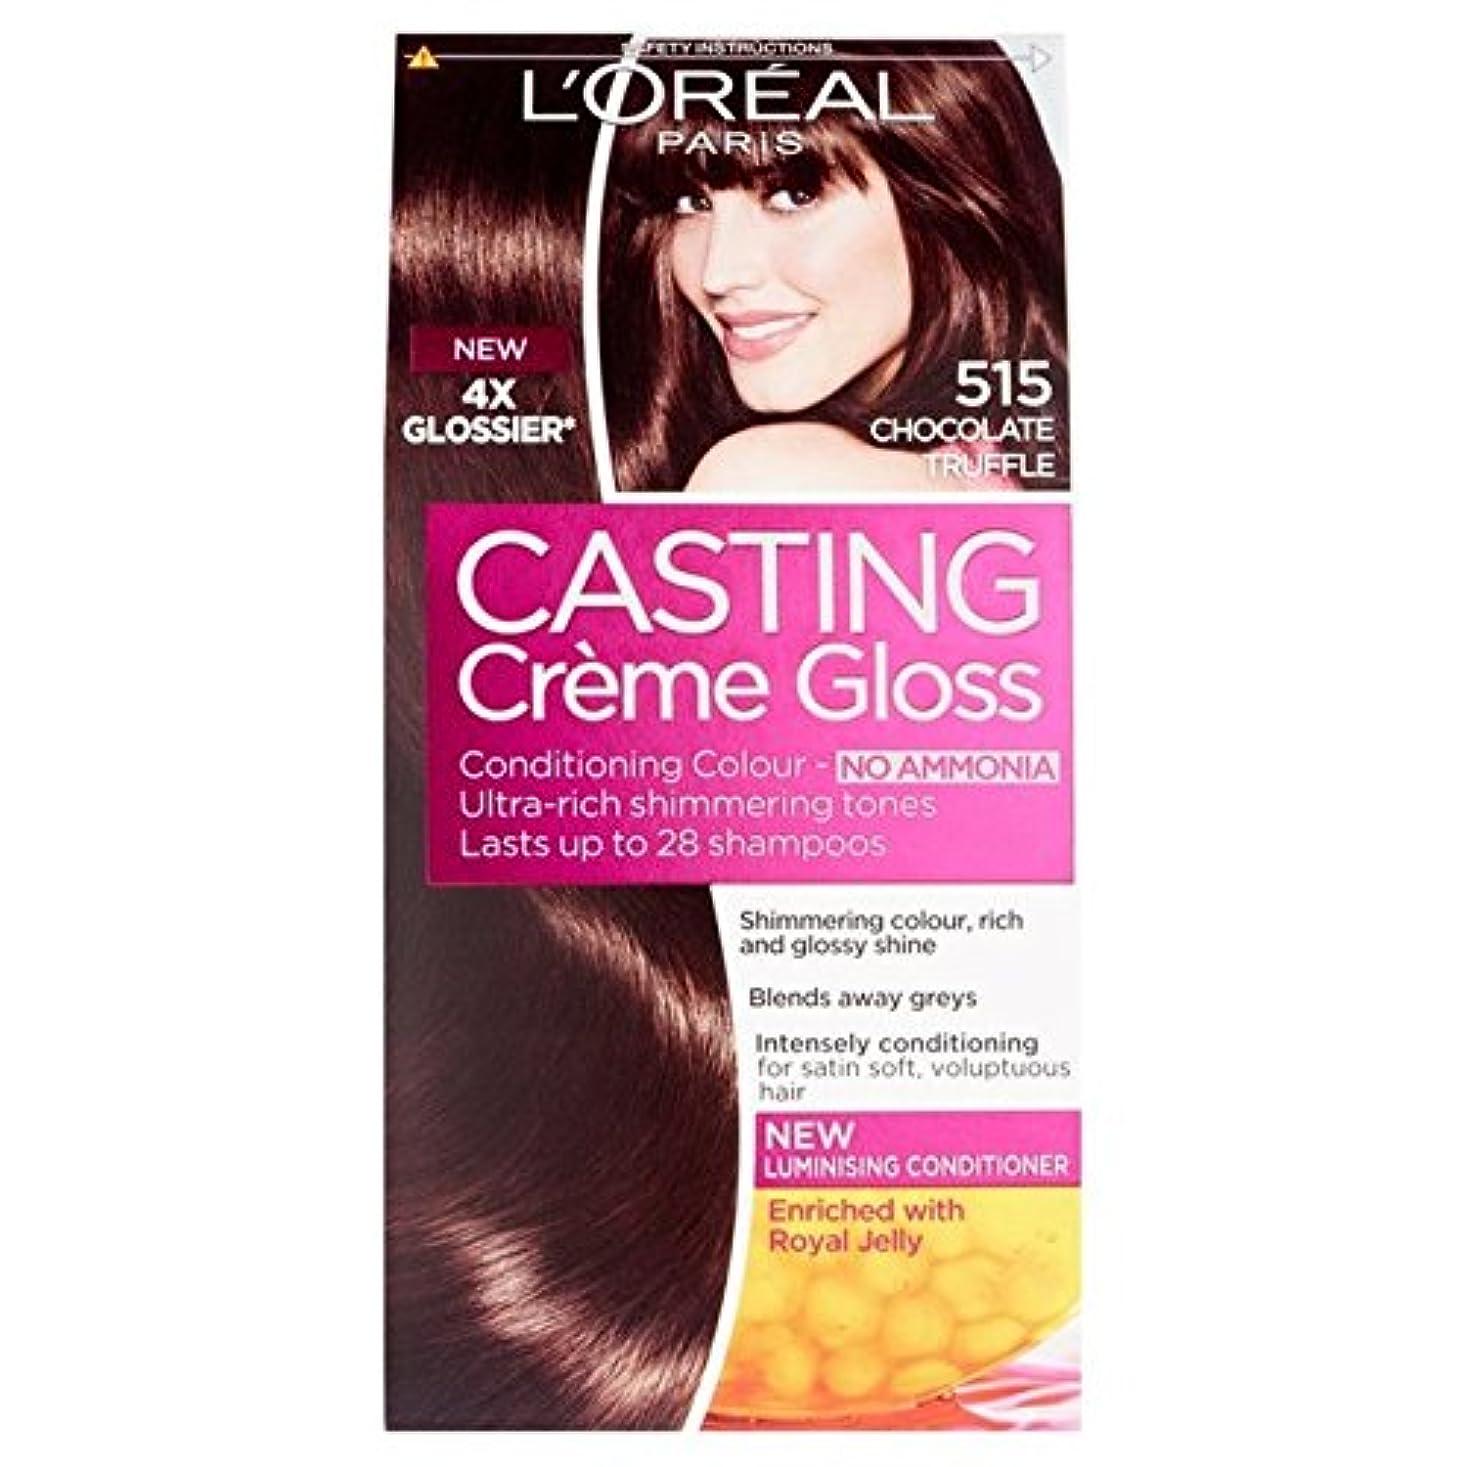 浜辺環境テレマコスL'Oreal Casting Creme Gloss Choc Truffle 515 (Pack of 6) - ロレアルのキャスティングクリームグロスチョコトリュフ515 x6 [並行輸入品]